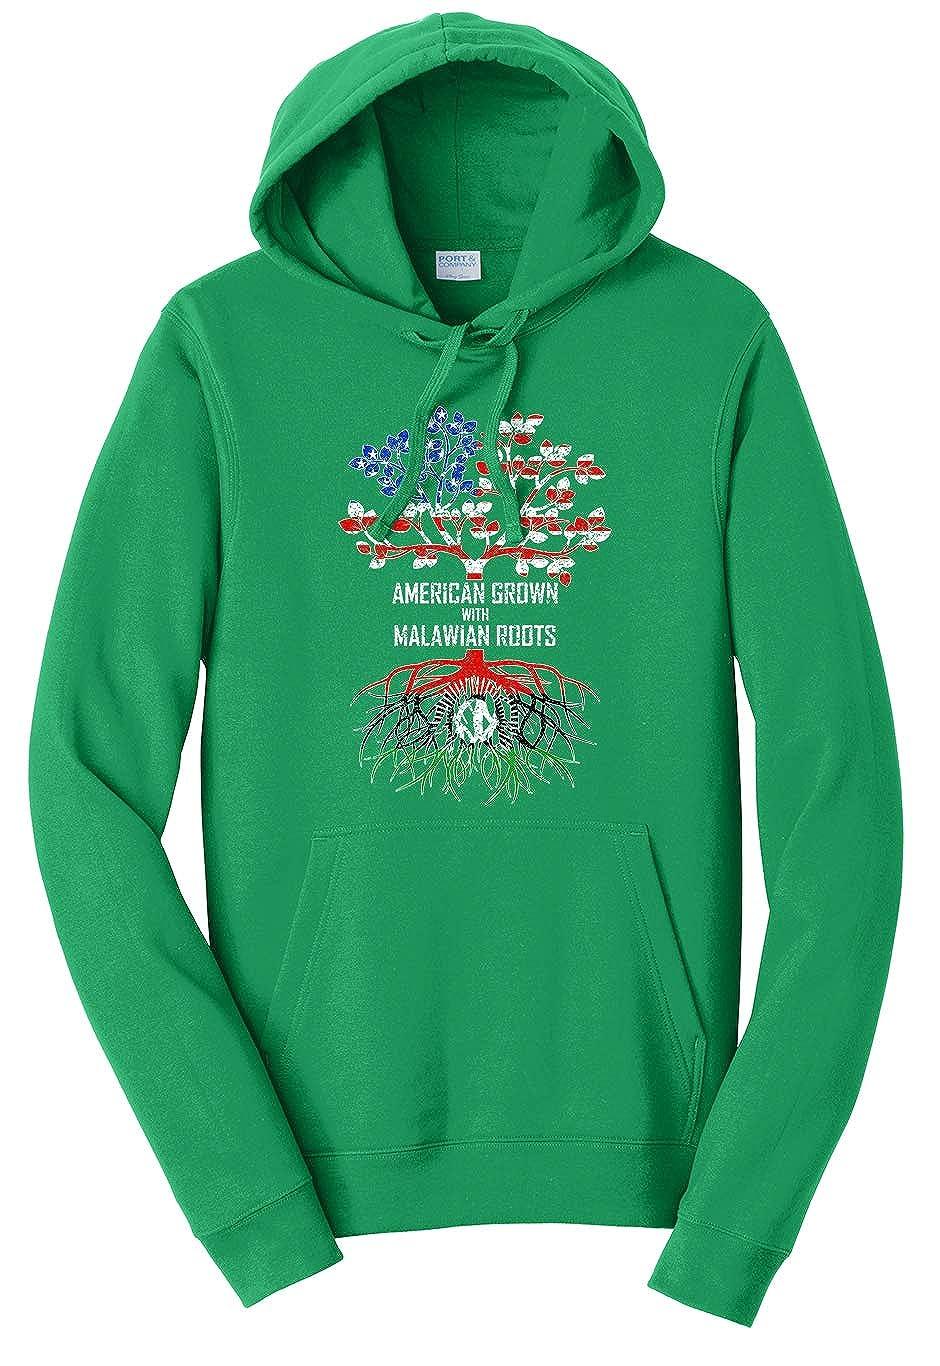 Kelly Green Medium Tenacitee Unisex American Grown with Malawian Roots Sweatshirt Hoodie